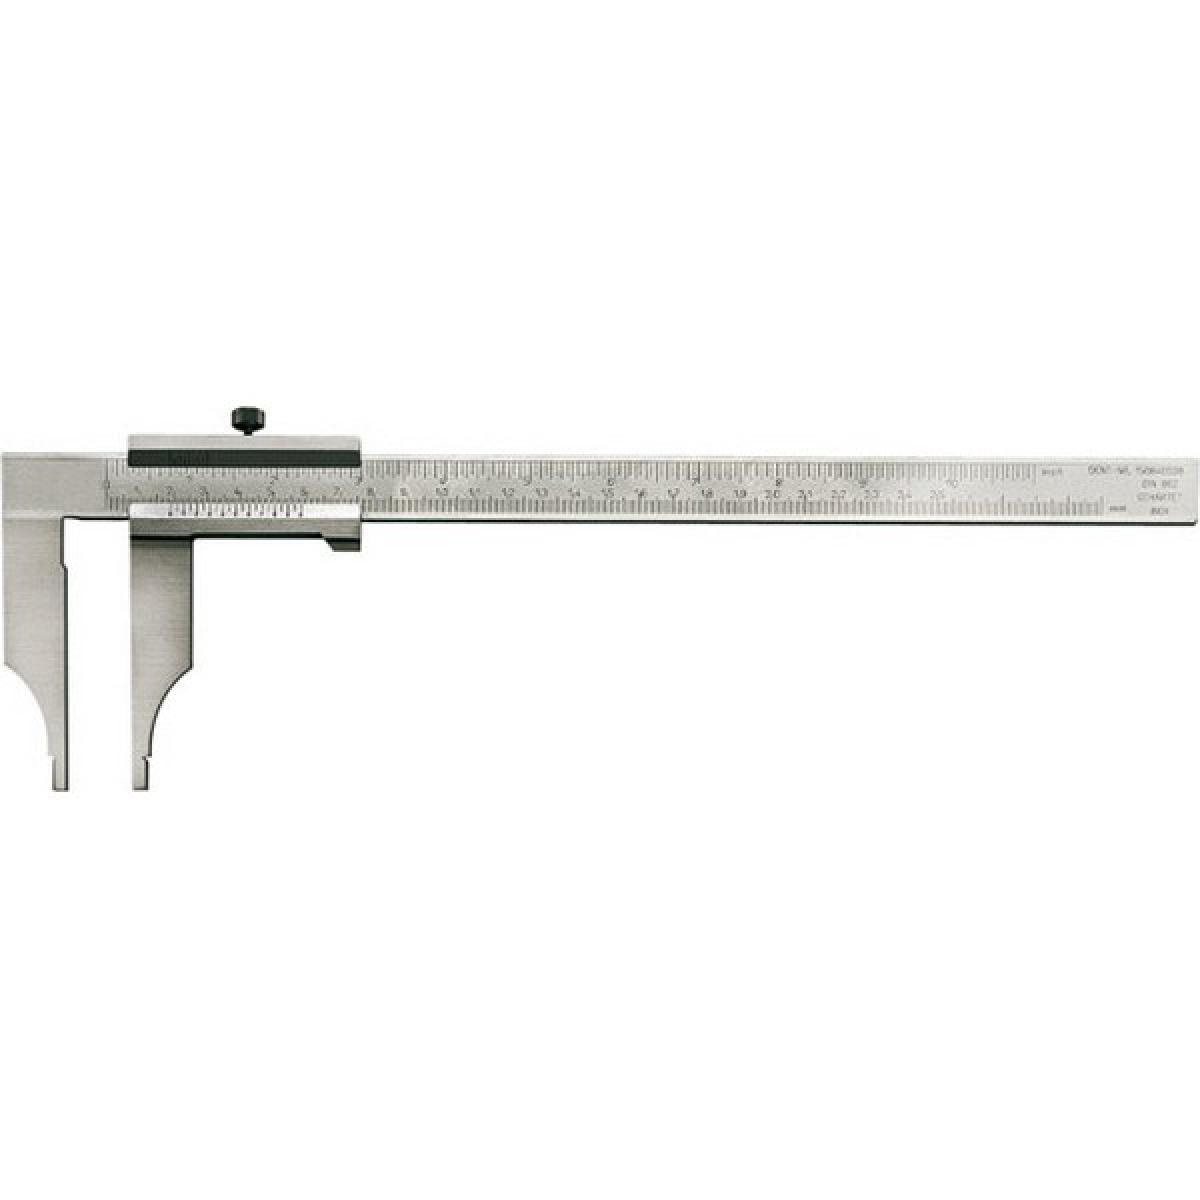 Forum Pied à coulisse d'atelier sans pointes de lames, sans réglage fin, Plage de mesure : 300 mm, Long. des becs 90 mm